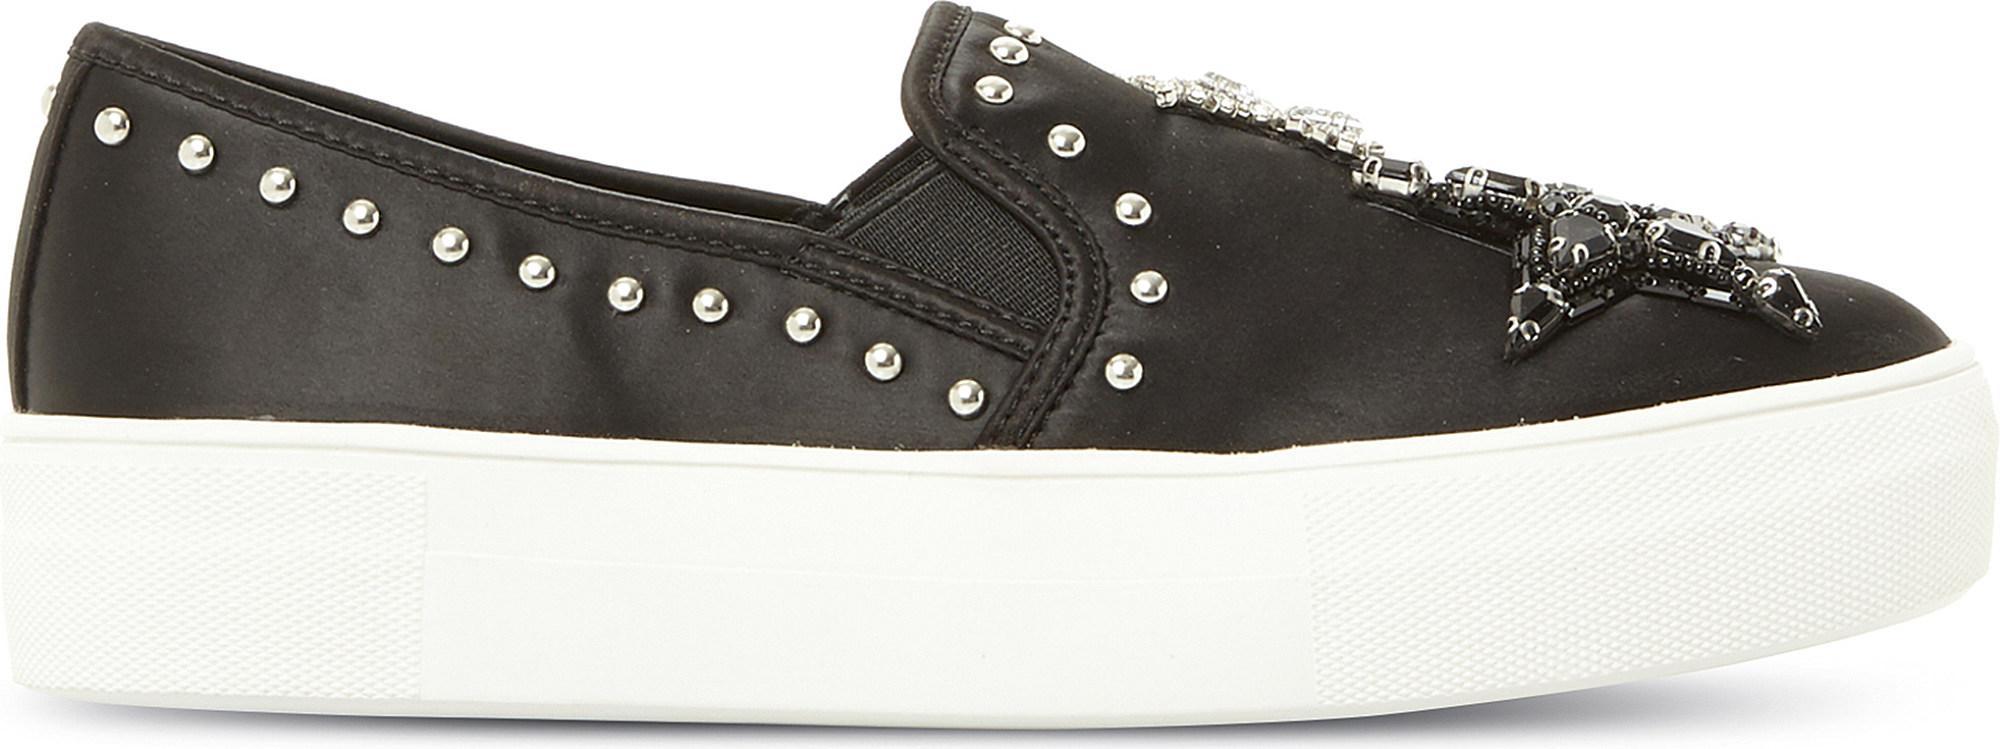 aaf0bc59320 Lyst - Steve Madden Star Embellished Satin Skate Shoes in Black